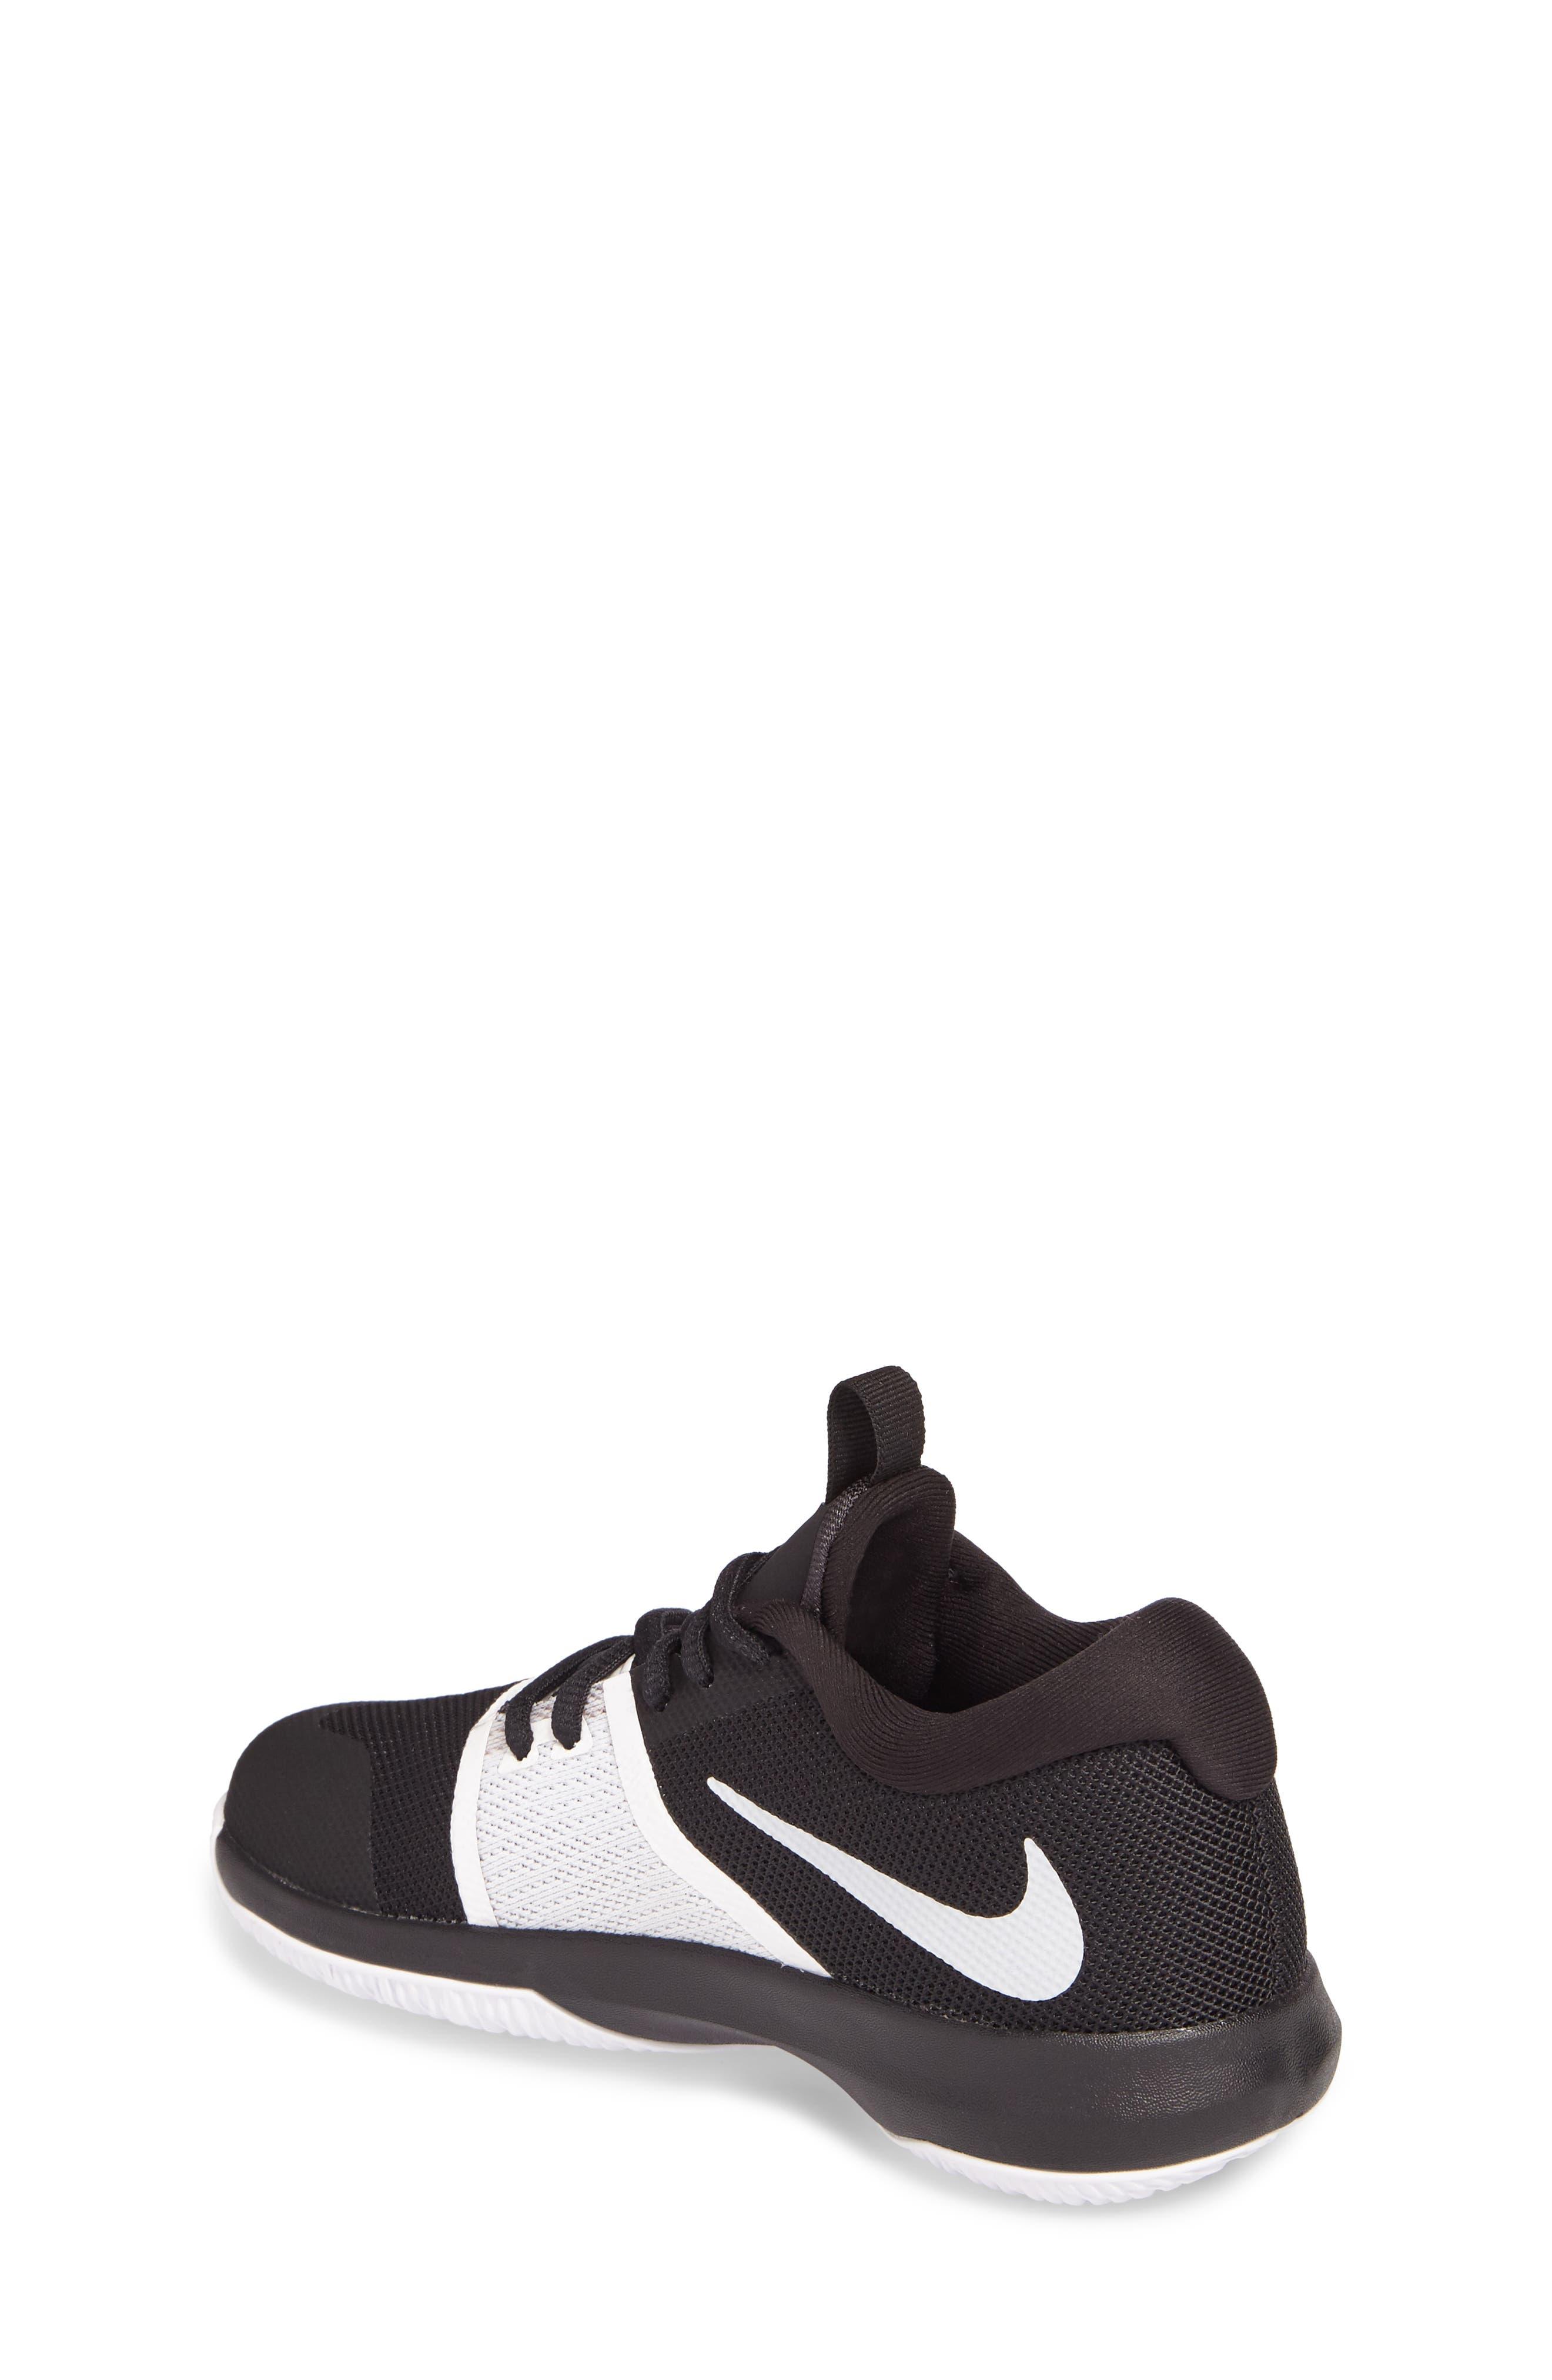 Assersion Sneaker,                             Alternate thumbnail 2, color,                             Black/ White